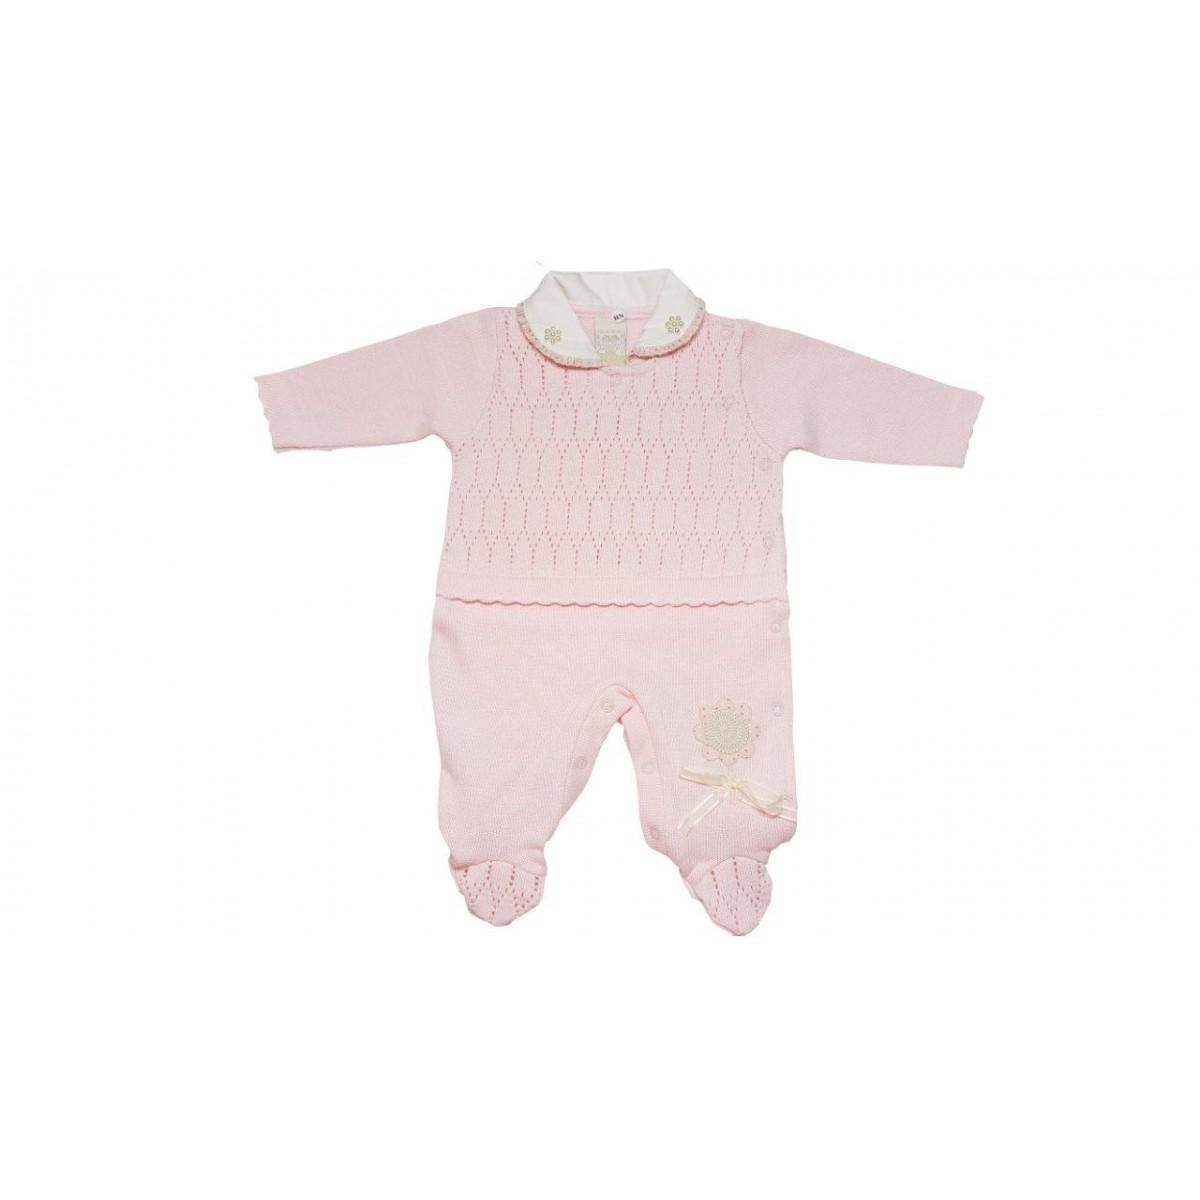 Macacão Milly Baby Rosa  / Tamanho P